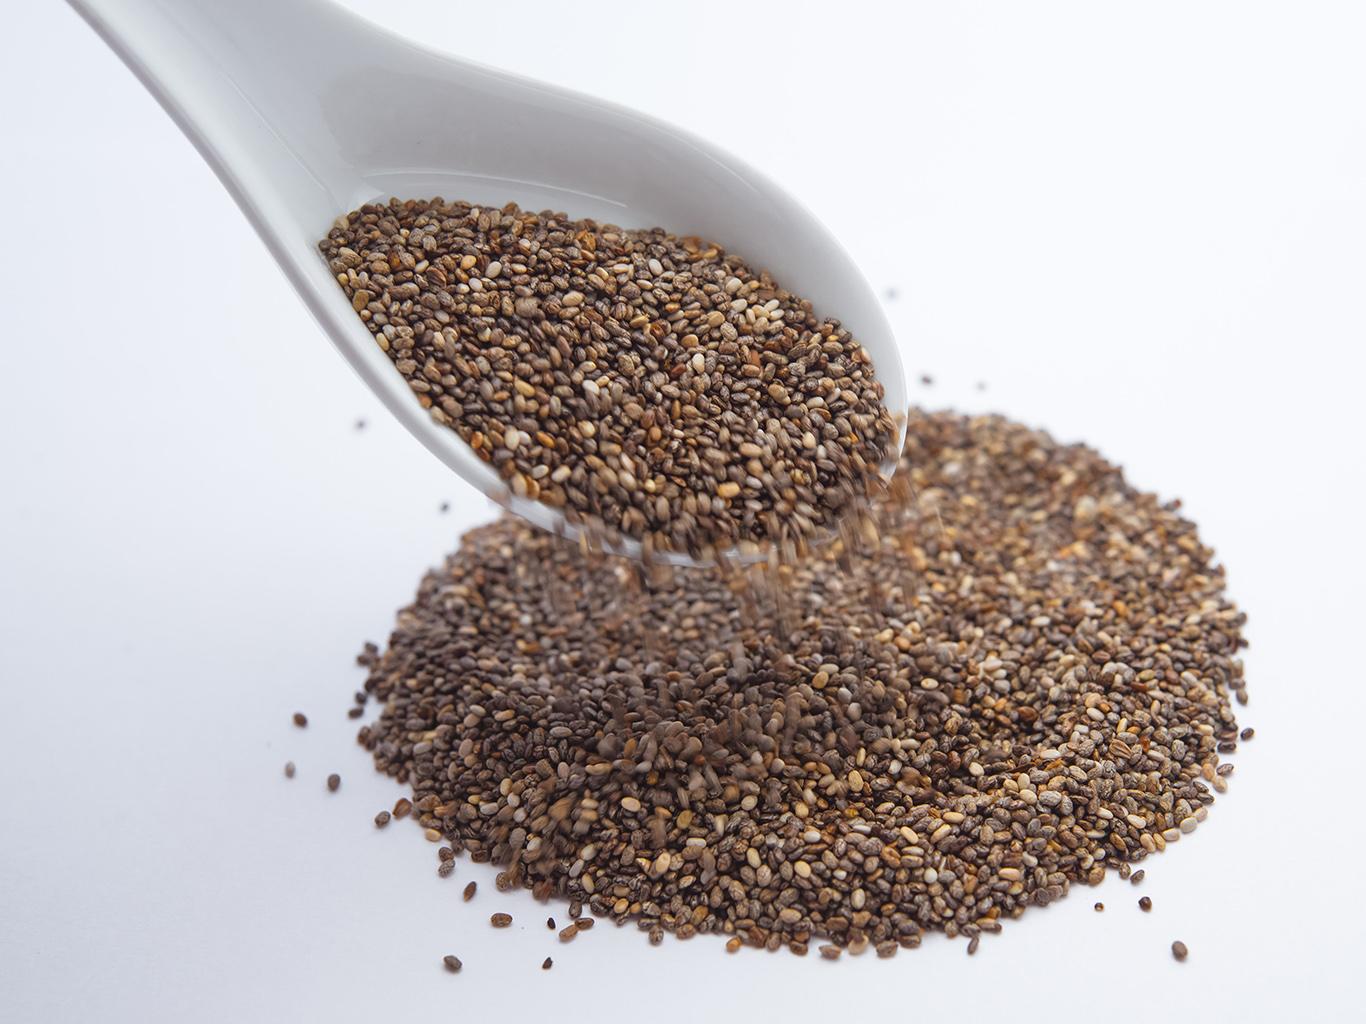 Польза семян чиа: как семена чиа улучшают работу мозга, кишечника и сердца